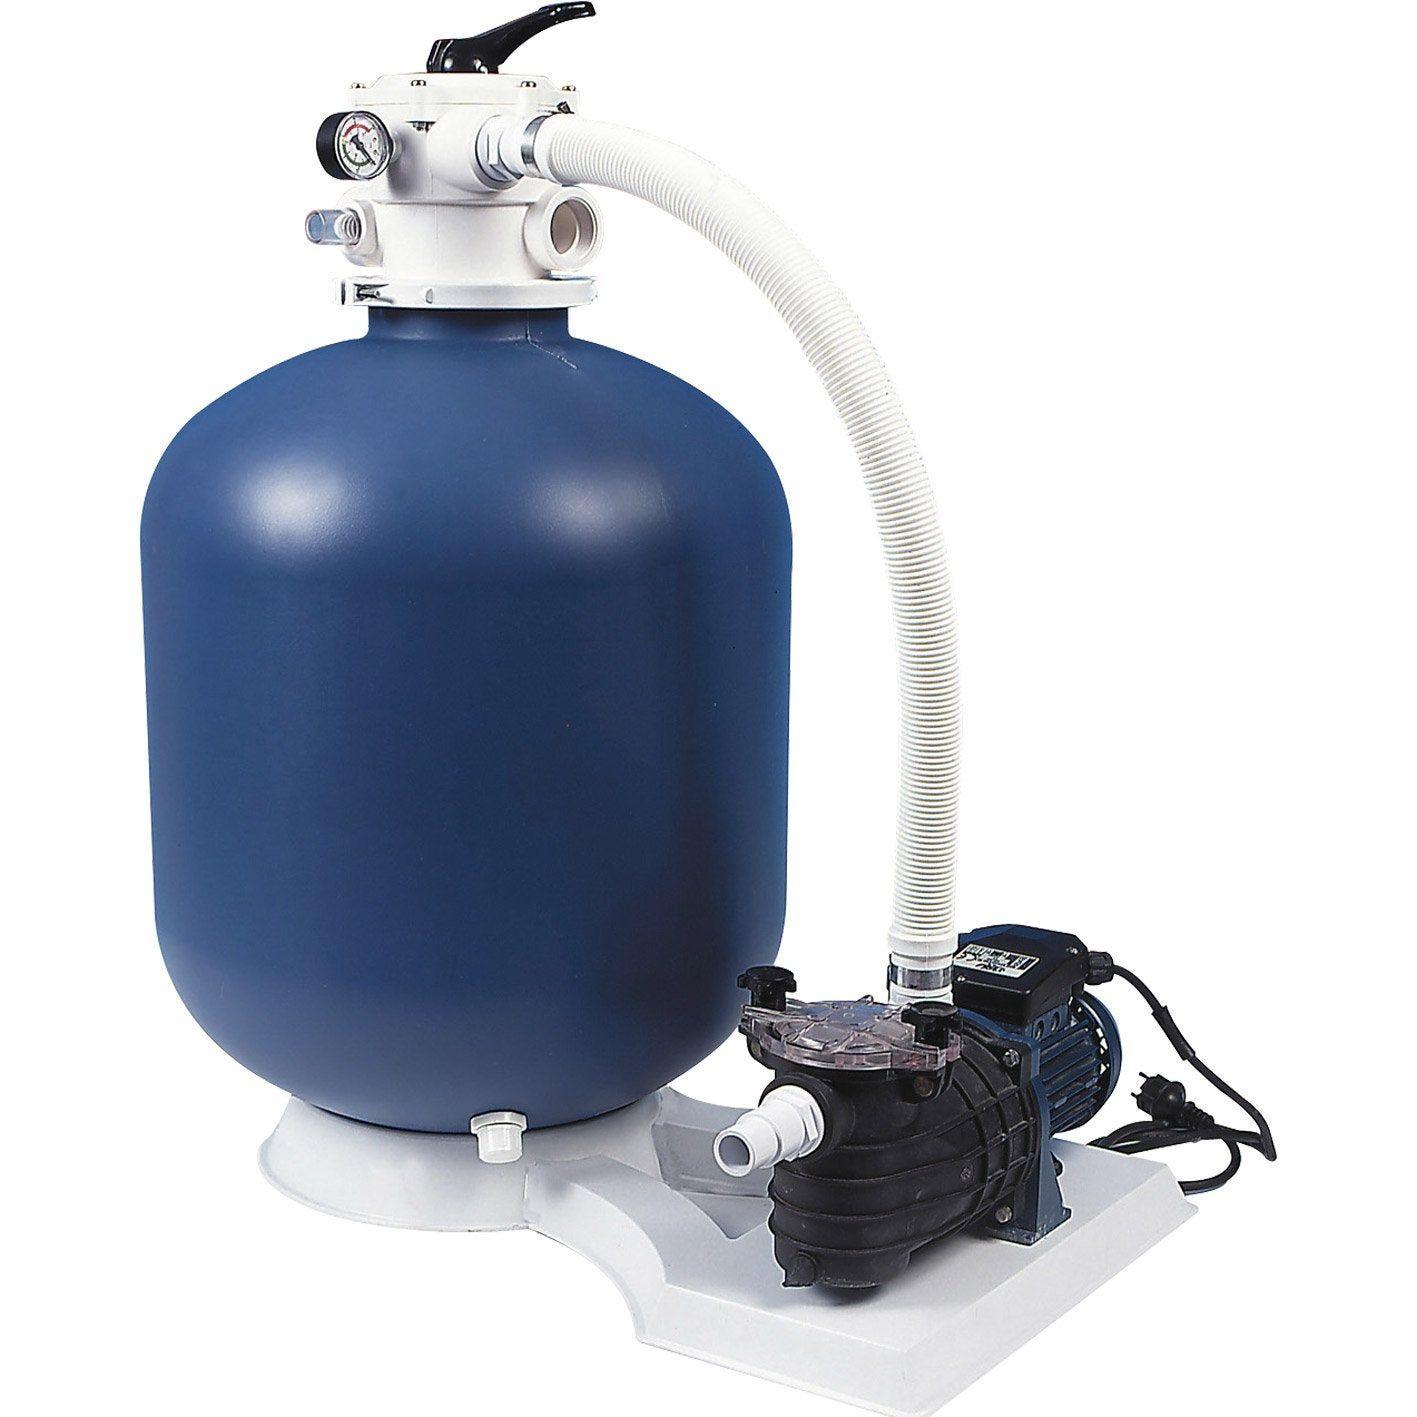 Kit De Filtration À Sable Aqualux 103463 12 M³/h | Kit ... pour Pompe Piscine Leroy Merlin